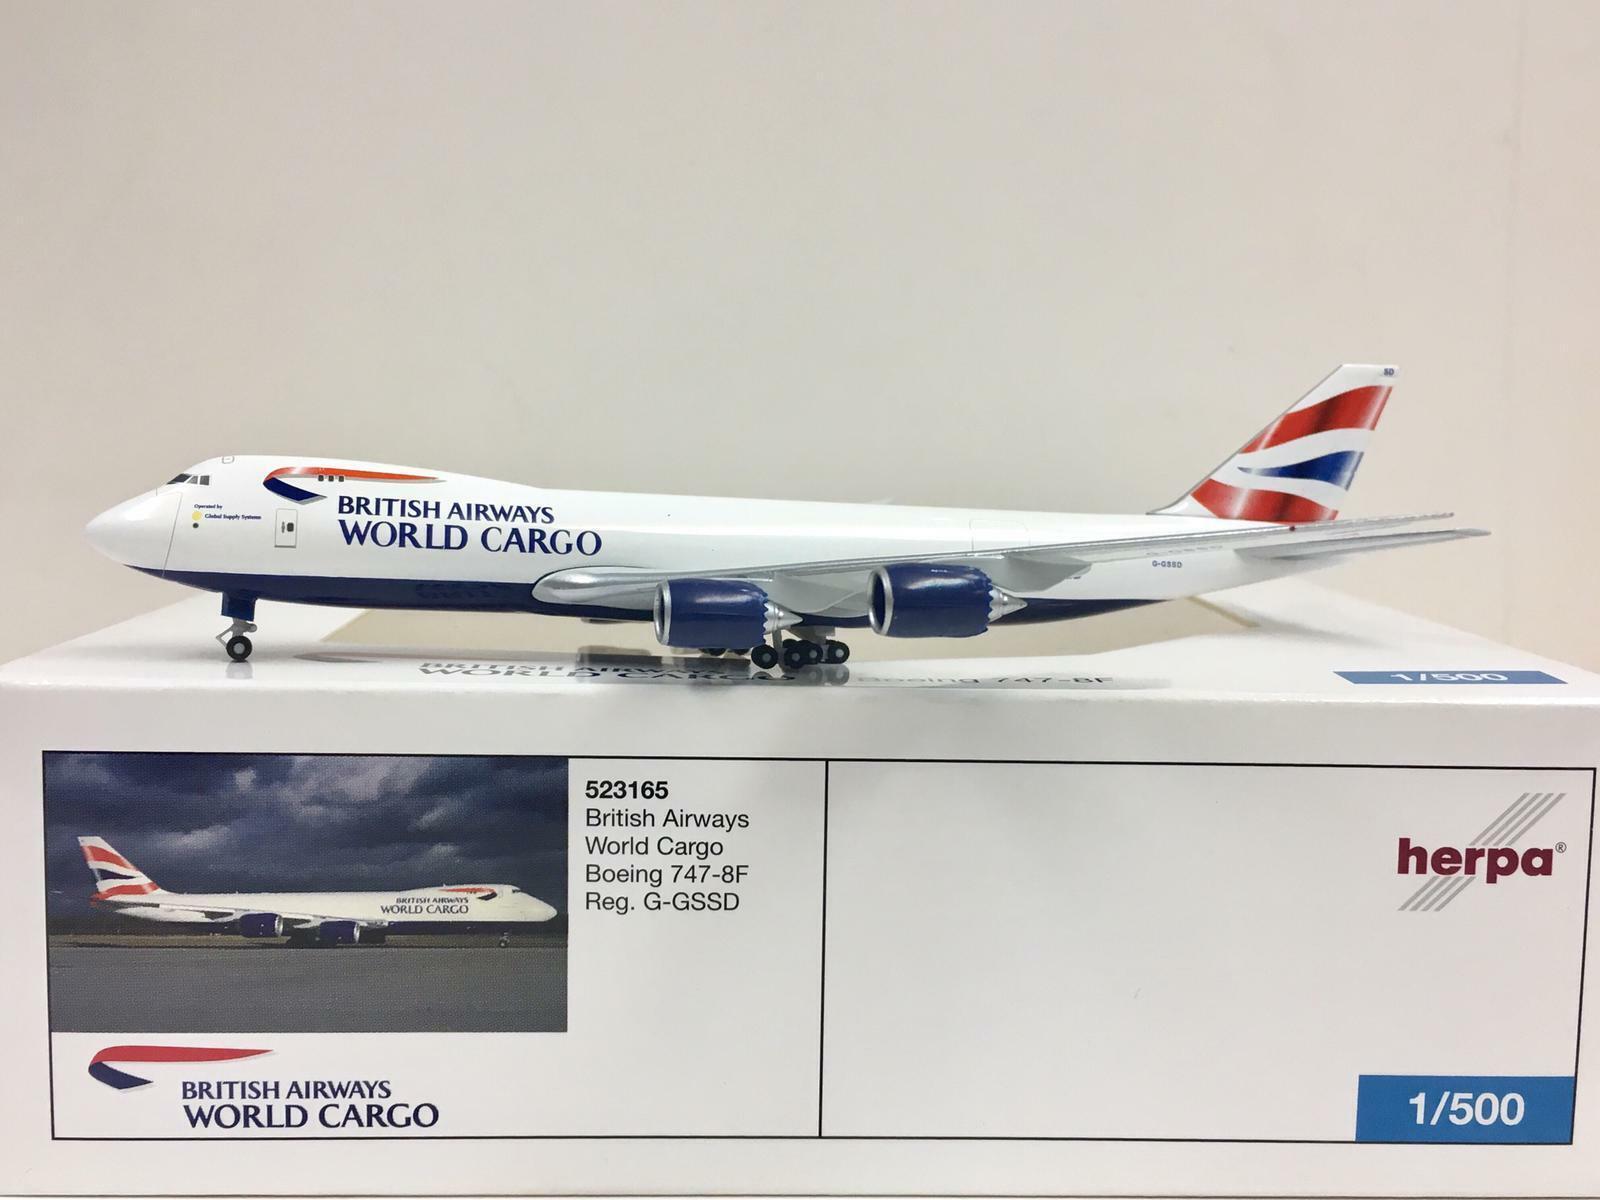 Herpa Wings British Airways World voiturego Boeing 747-8F 1 500  G-GSSD 523165  bon shopping